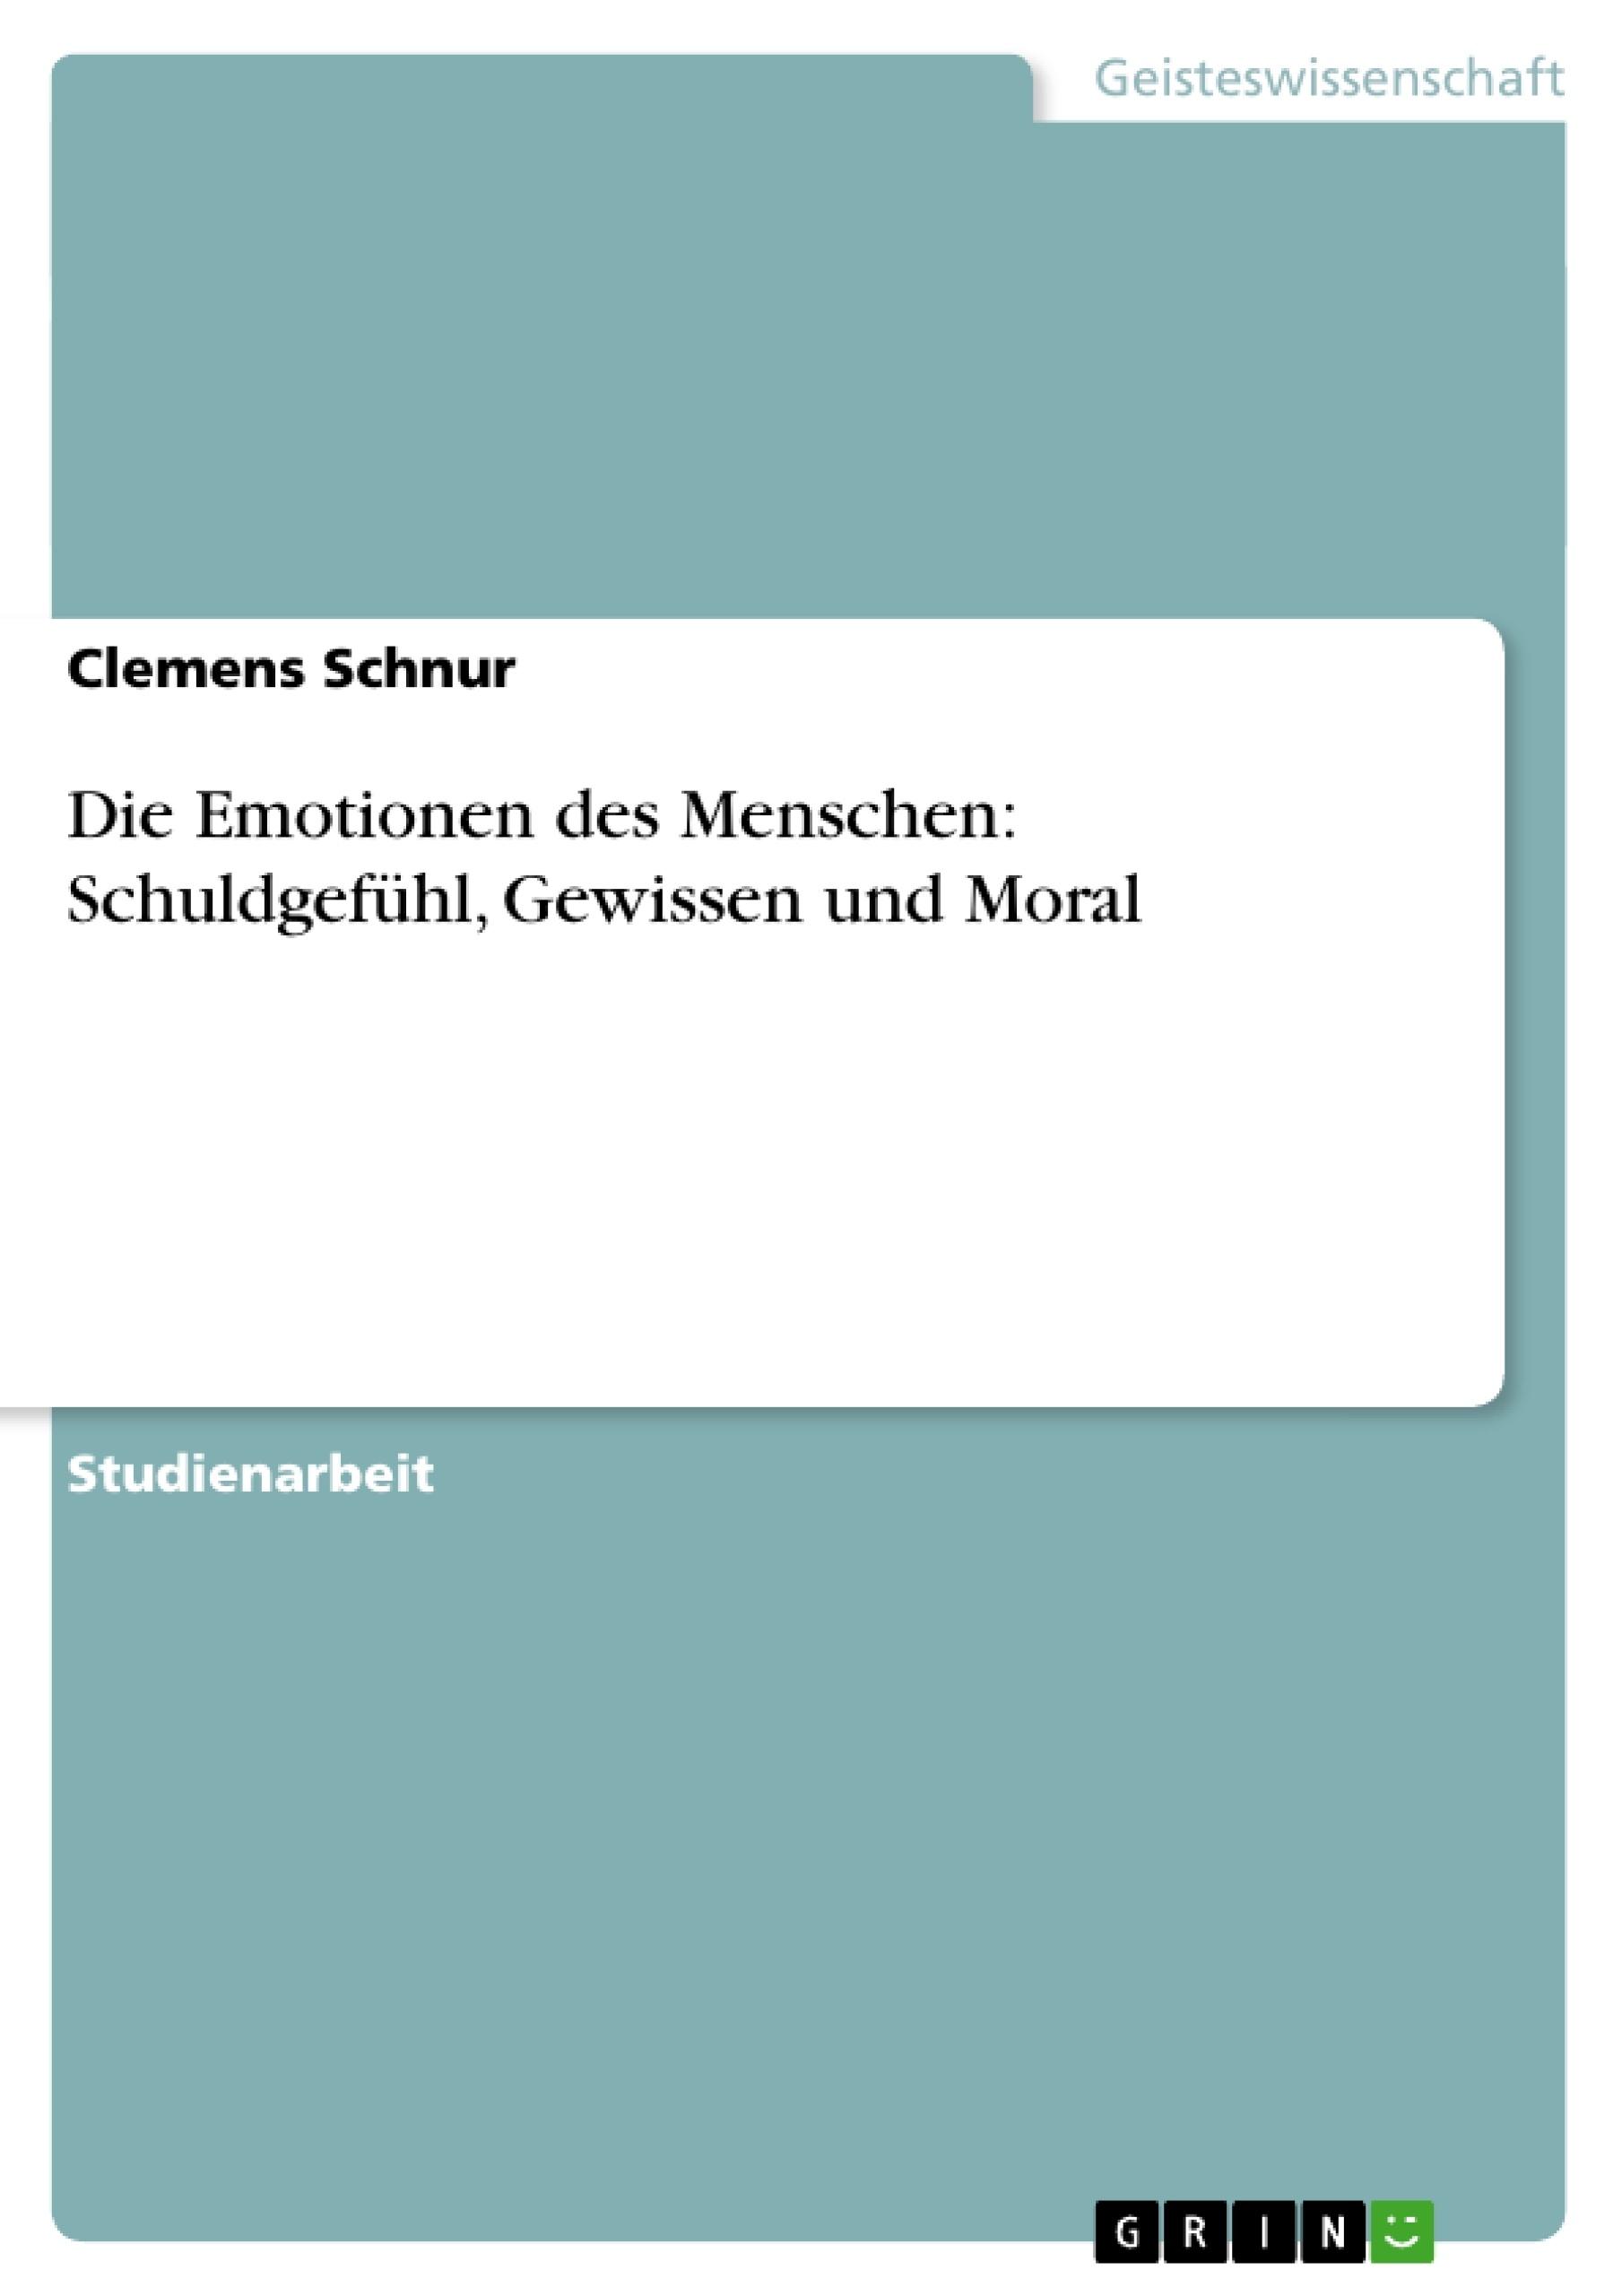 Titel: Die Emotionen des Menschen: Schuldgefühl, Gewissen und Moral